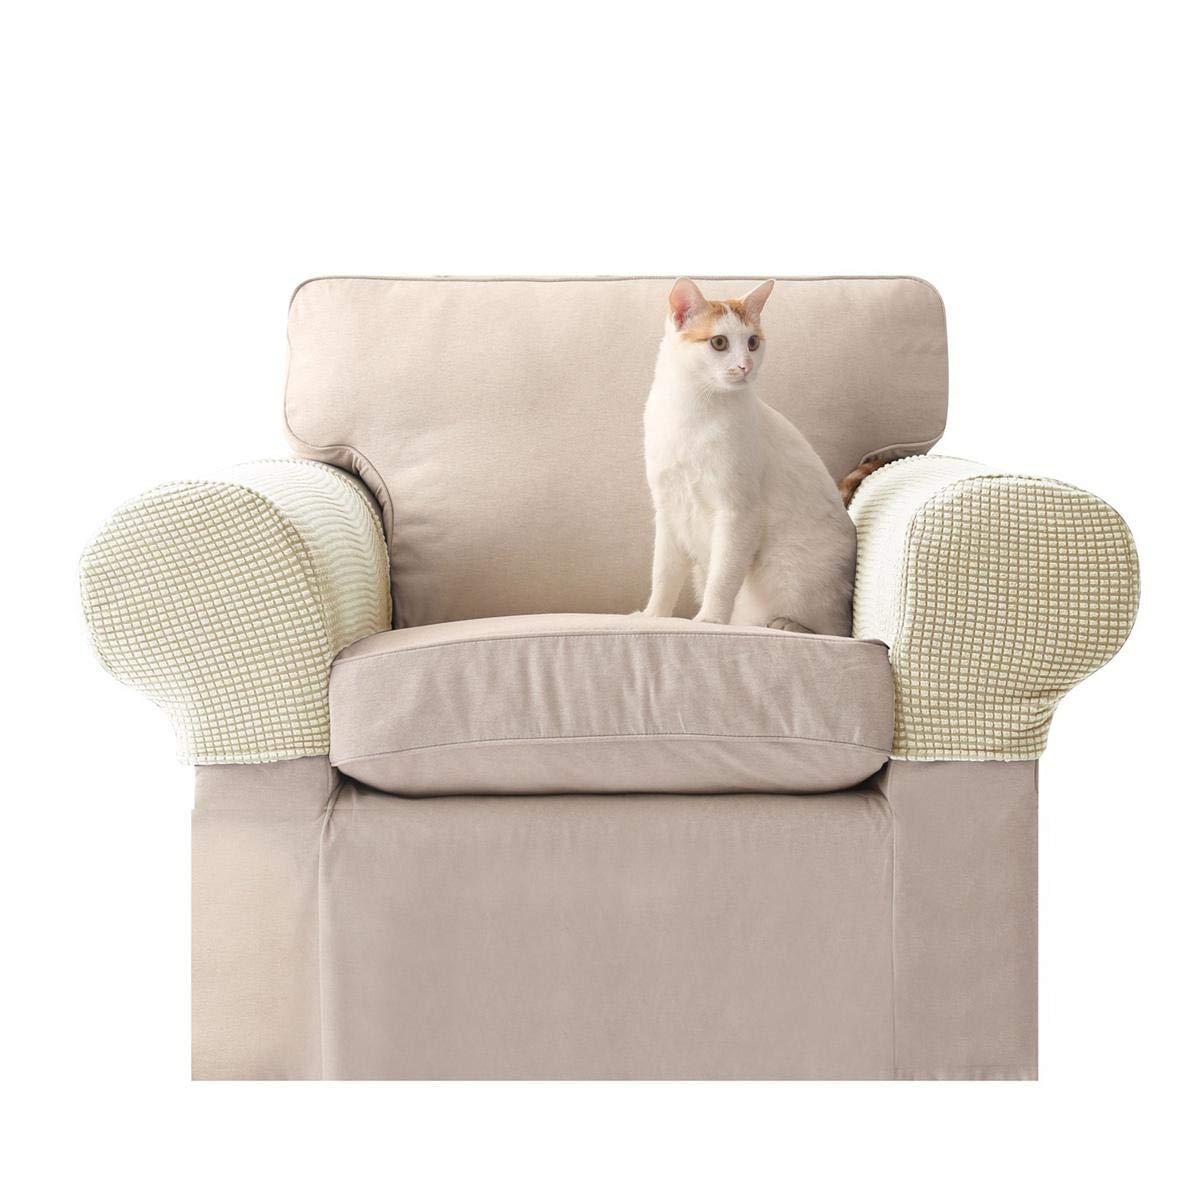 Umiwe Fundas elásticos de reposabrazos y poliéster de spandex para sillones, sofá y silla set 2 crema